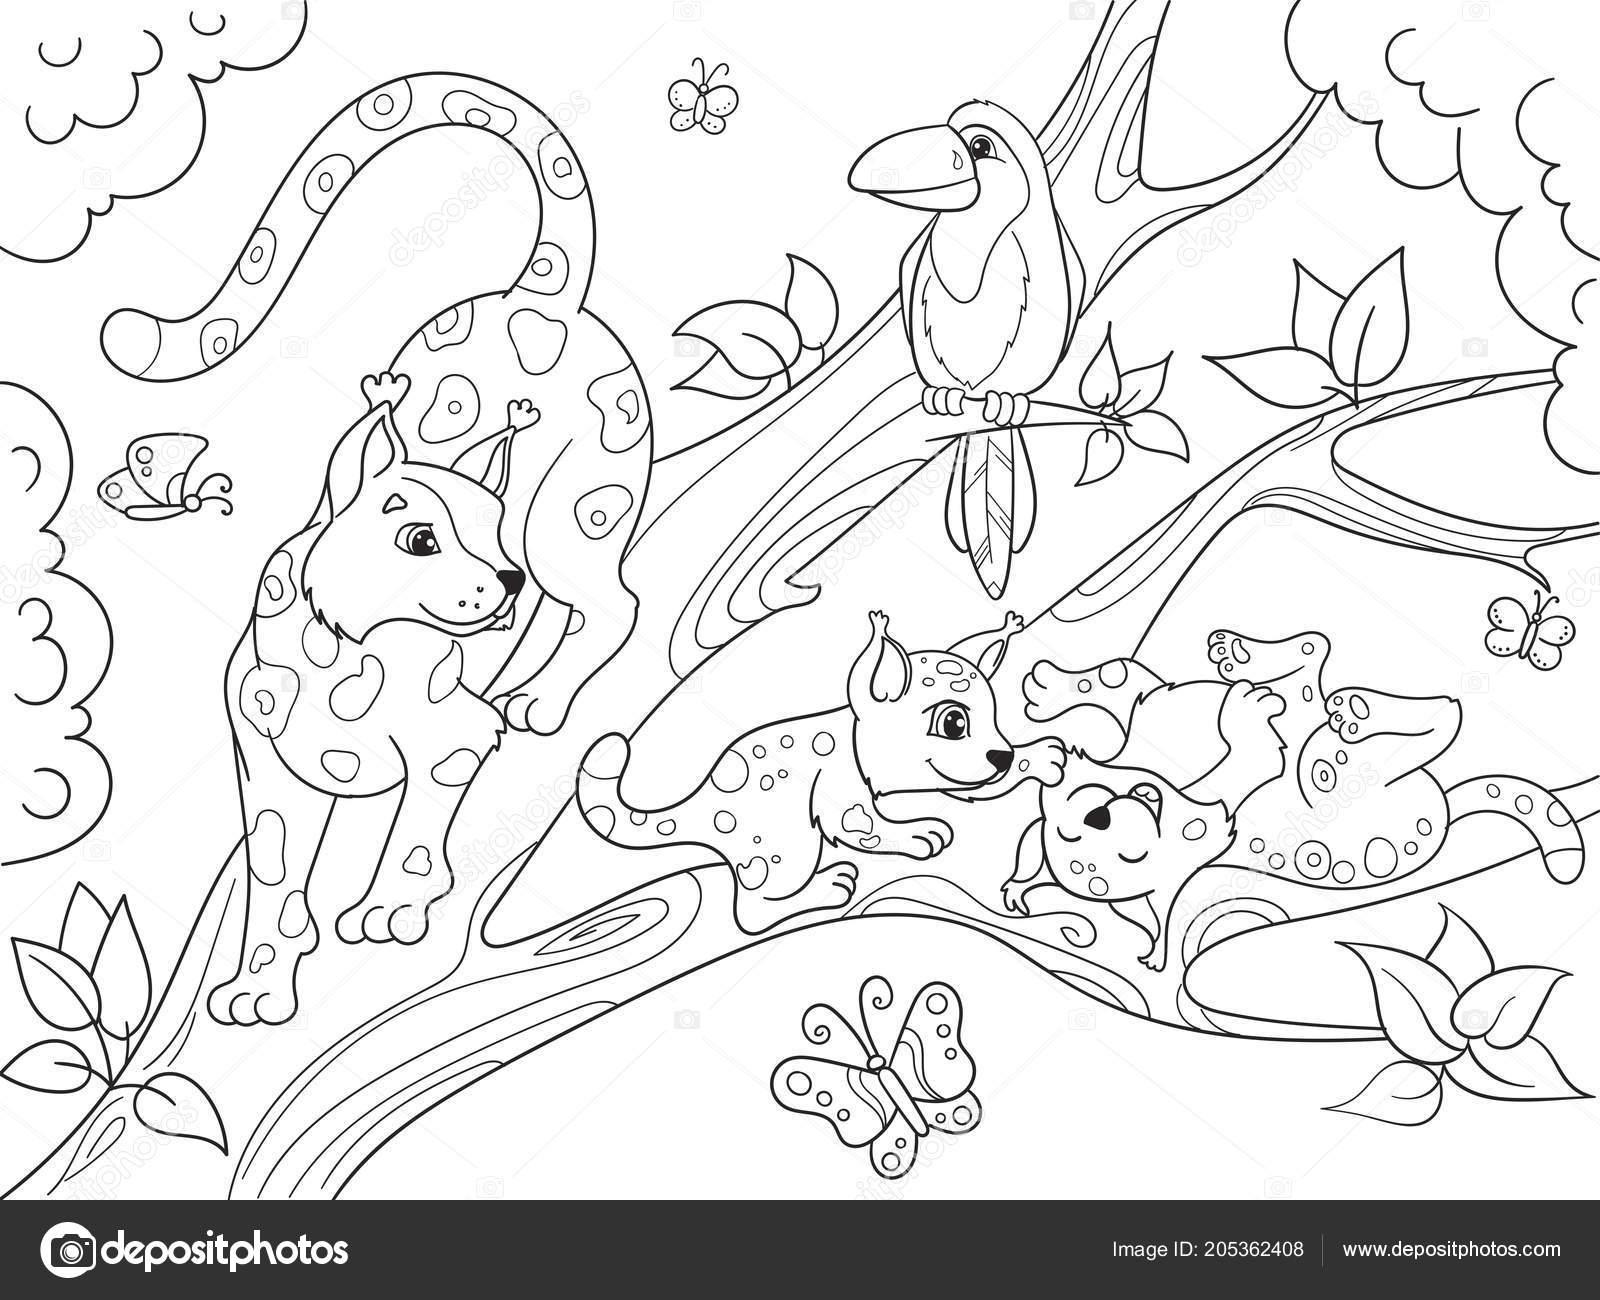 Para Crianças Colorir Família De Desenho Animado Do Livro De